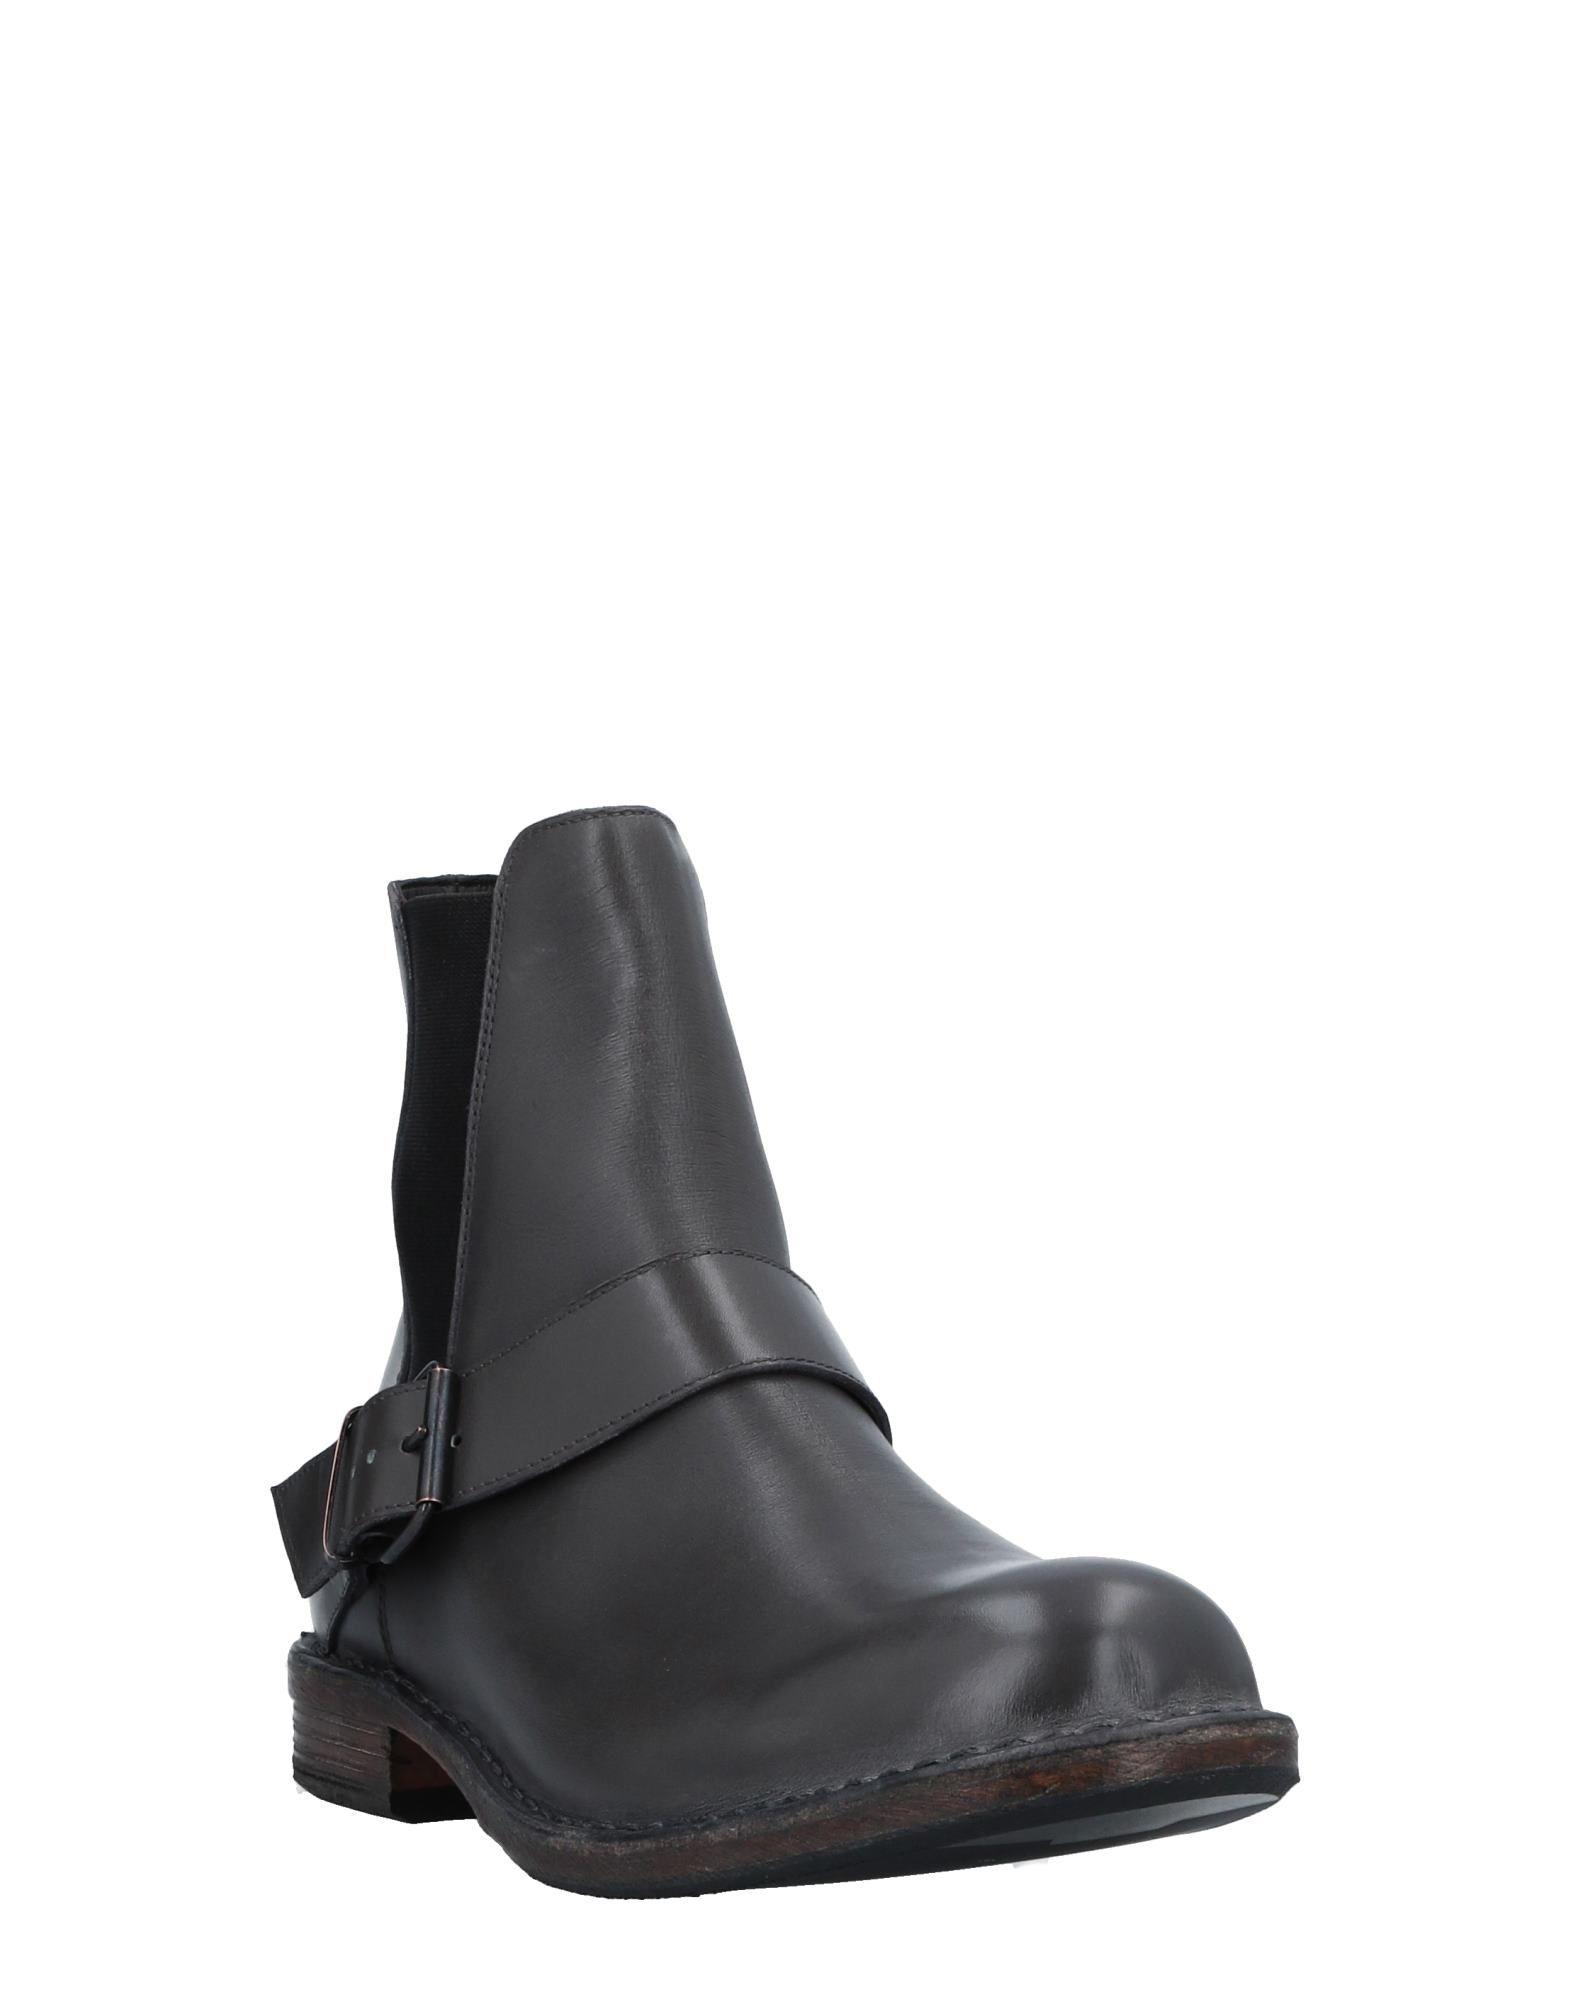 Moma Stiefelette Herren  11512634WA Gute Qualität beliebte Schuhe Schuhe Schuhe 45fe9b